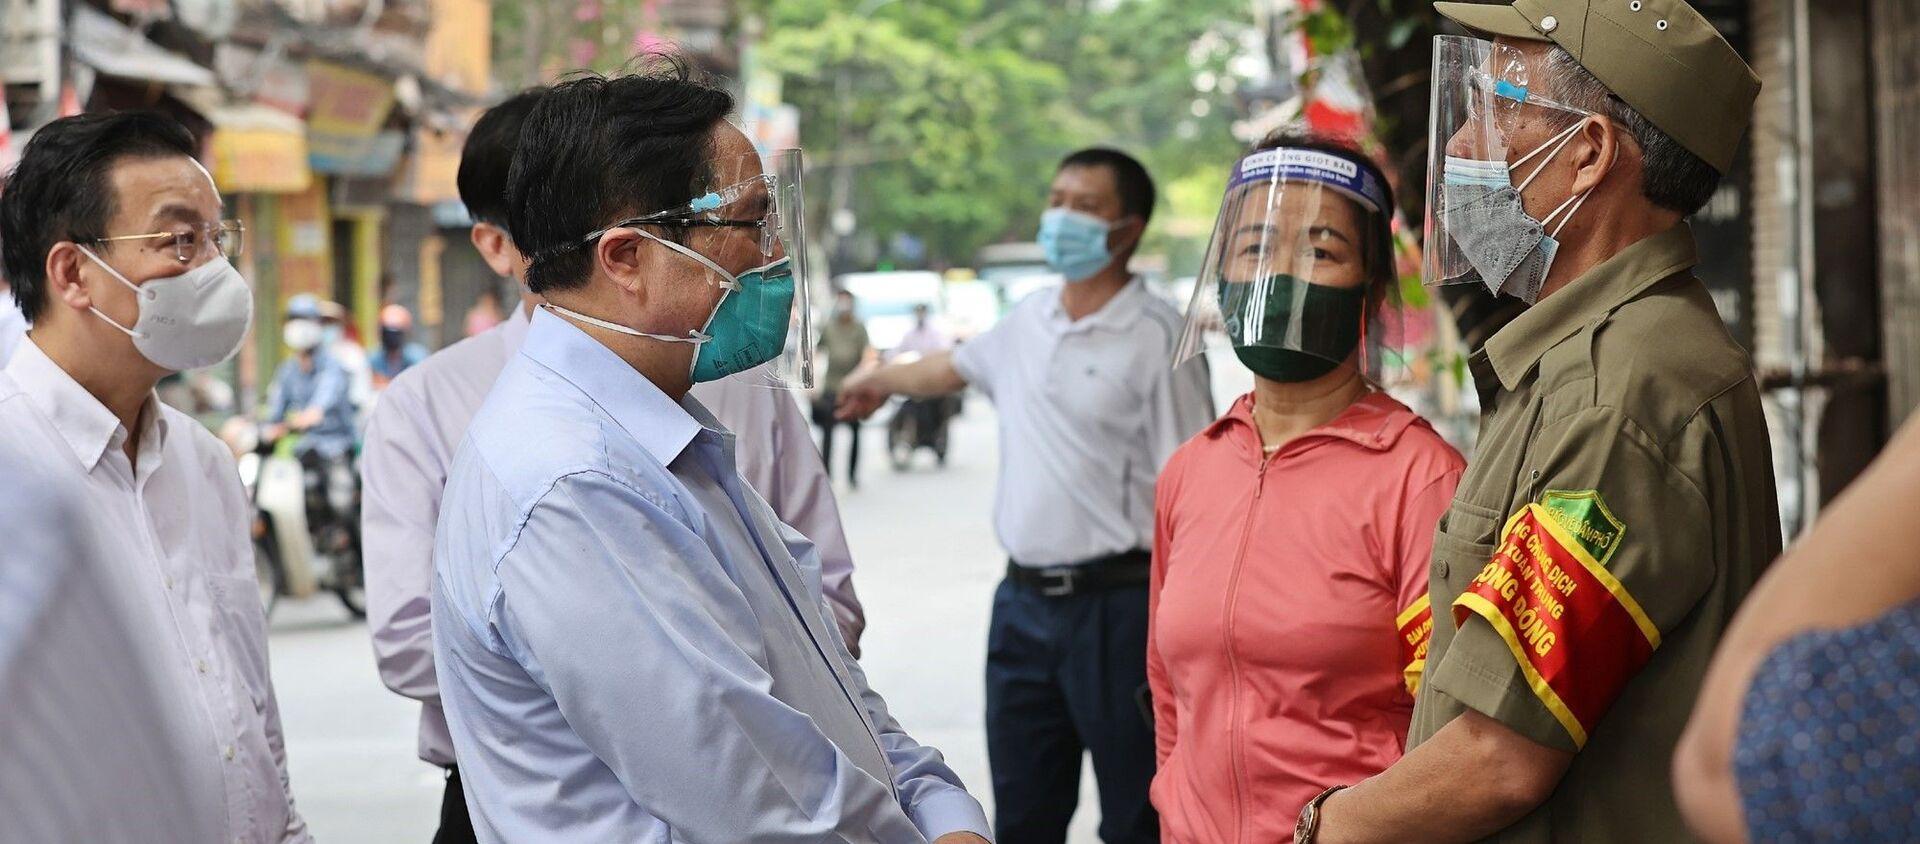 Thủ tướng Phạm Minh Chính kiểm tra đột xuất các điểm nóng về dịch bệnh COVID-19 tại Hà Nội - Sputnik Việt Nam, 1920, 01.09.2021